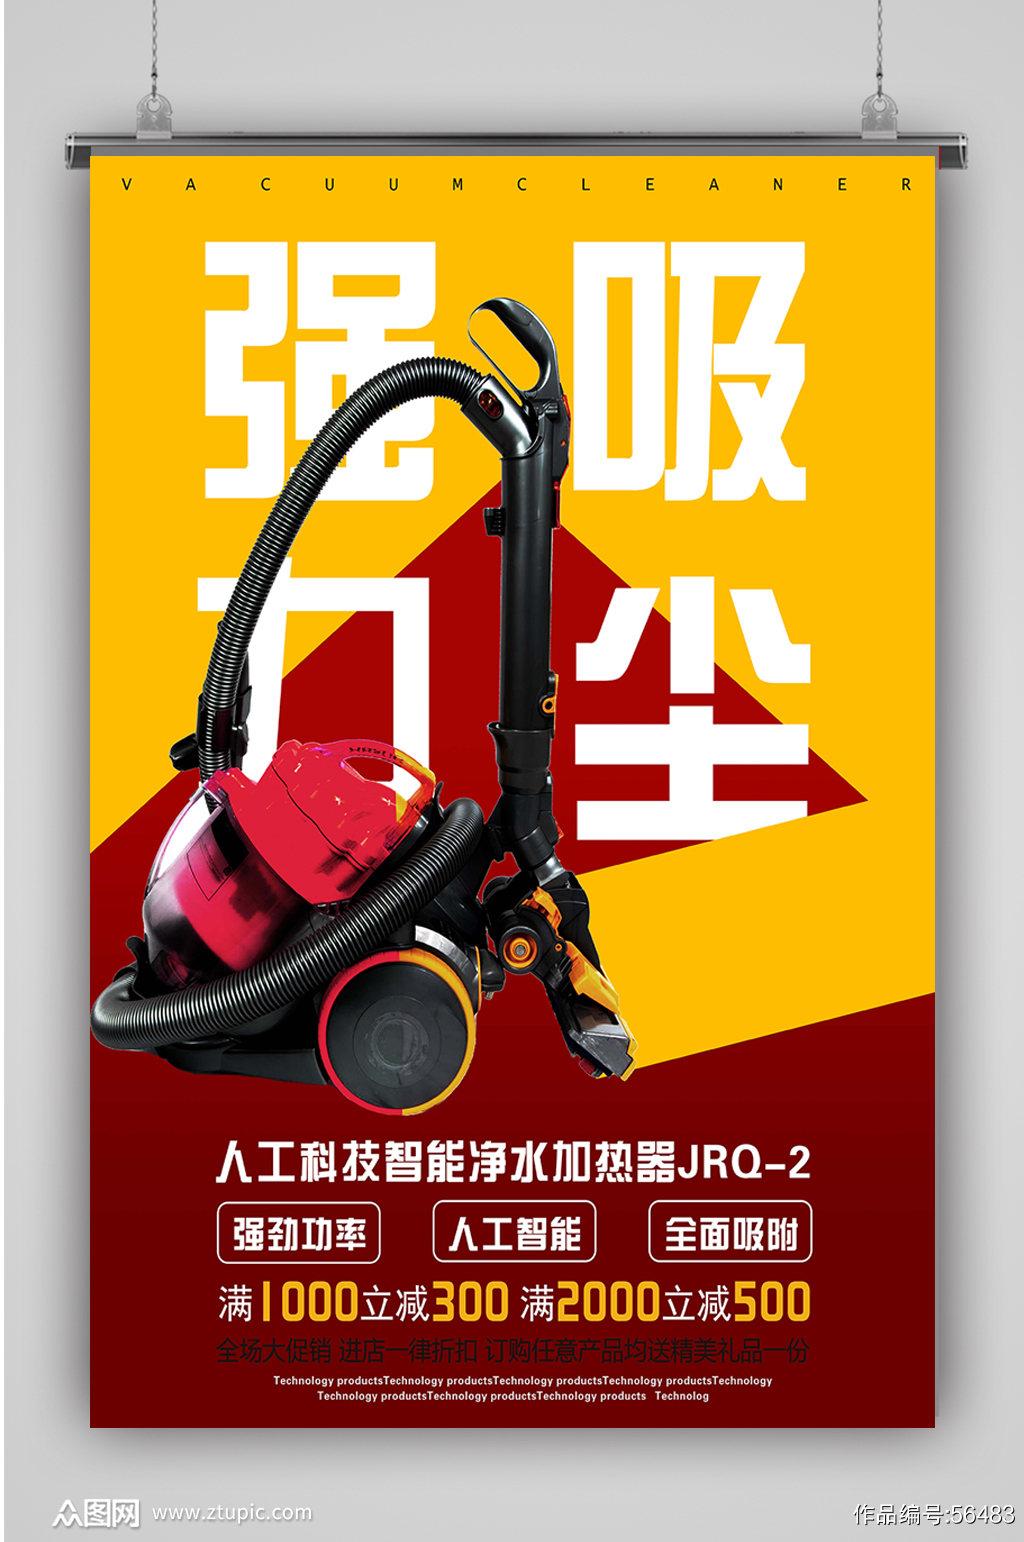 强力吸尘器宣传海报素材